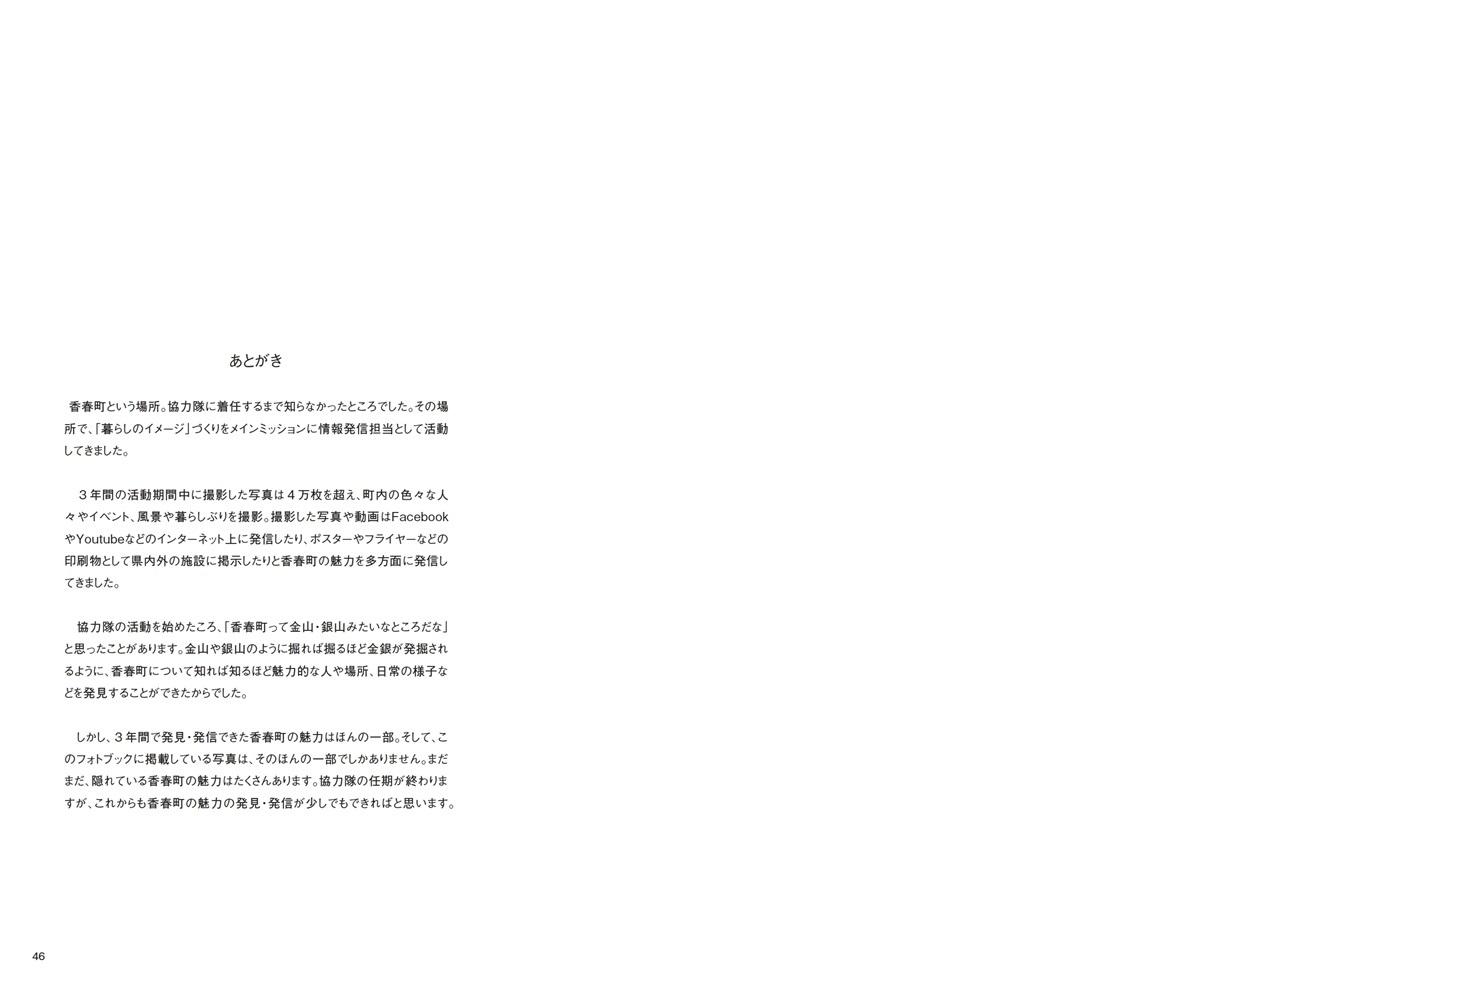 フォトブック 46ページ目